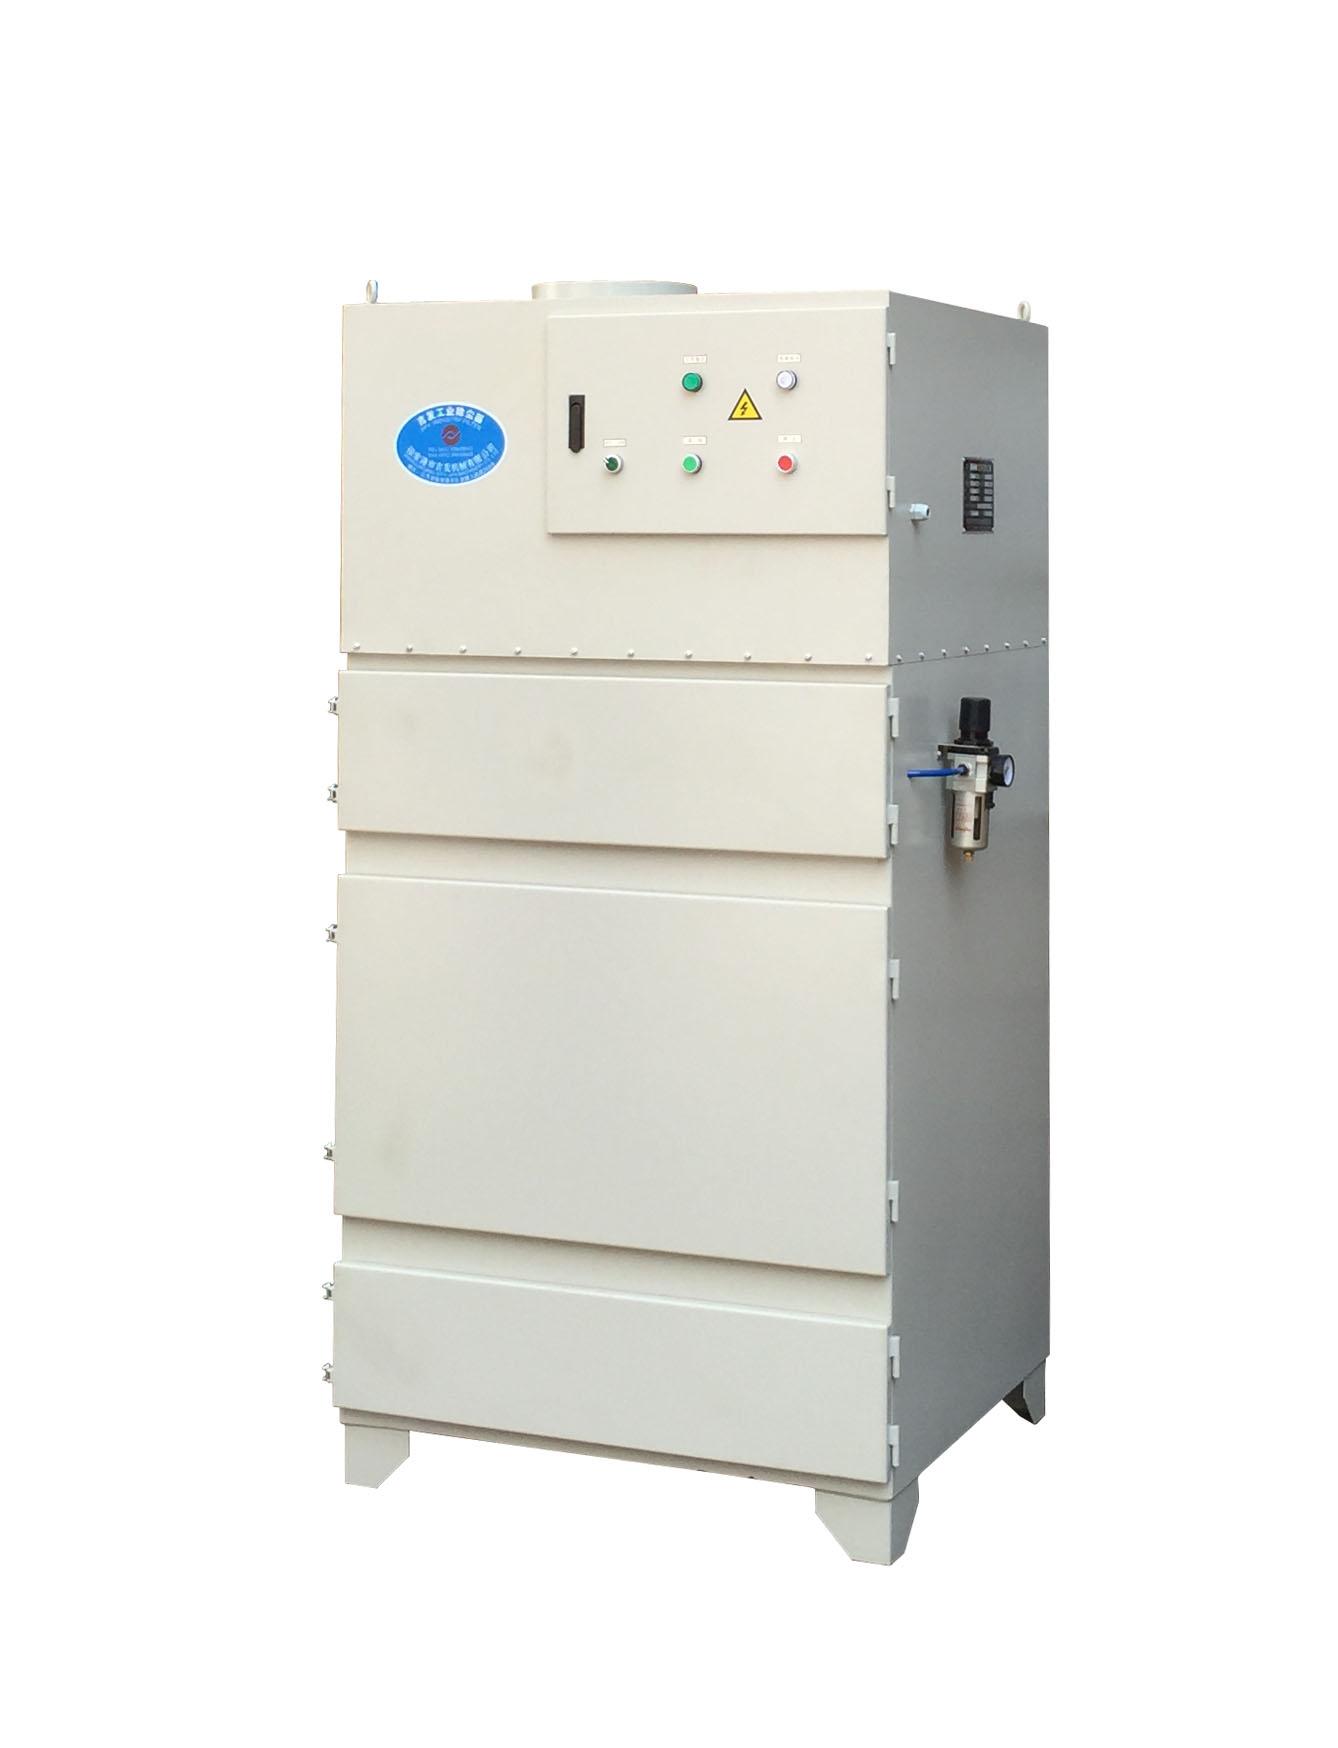 吉发 JF-3200/ATH 配套脉冲除尘器 工业除尘设备